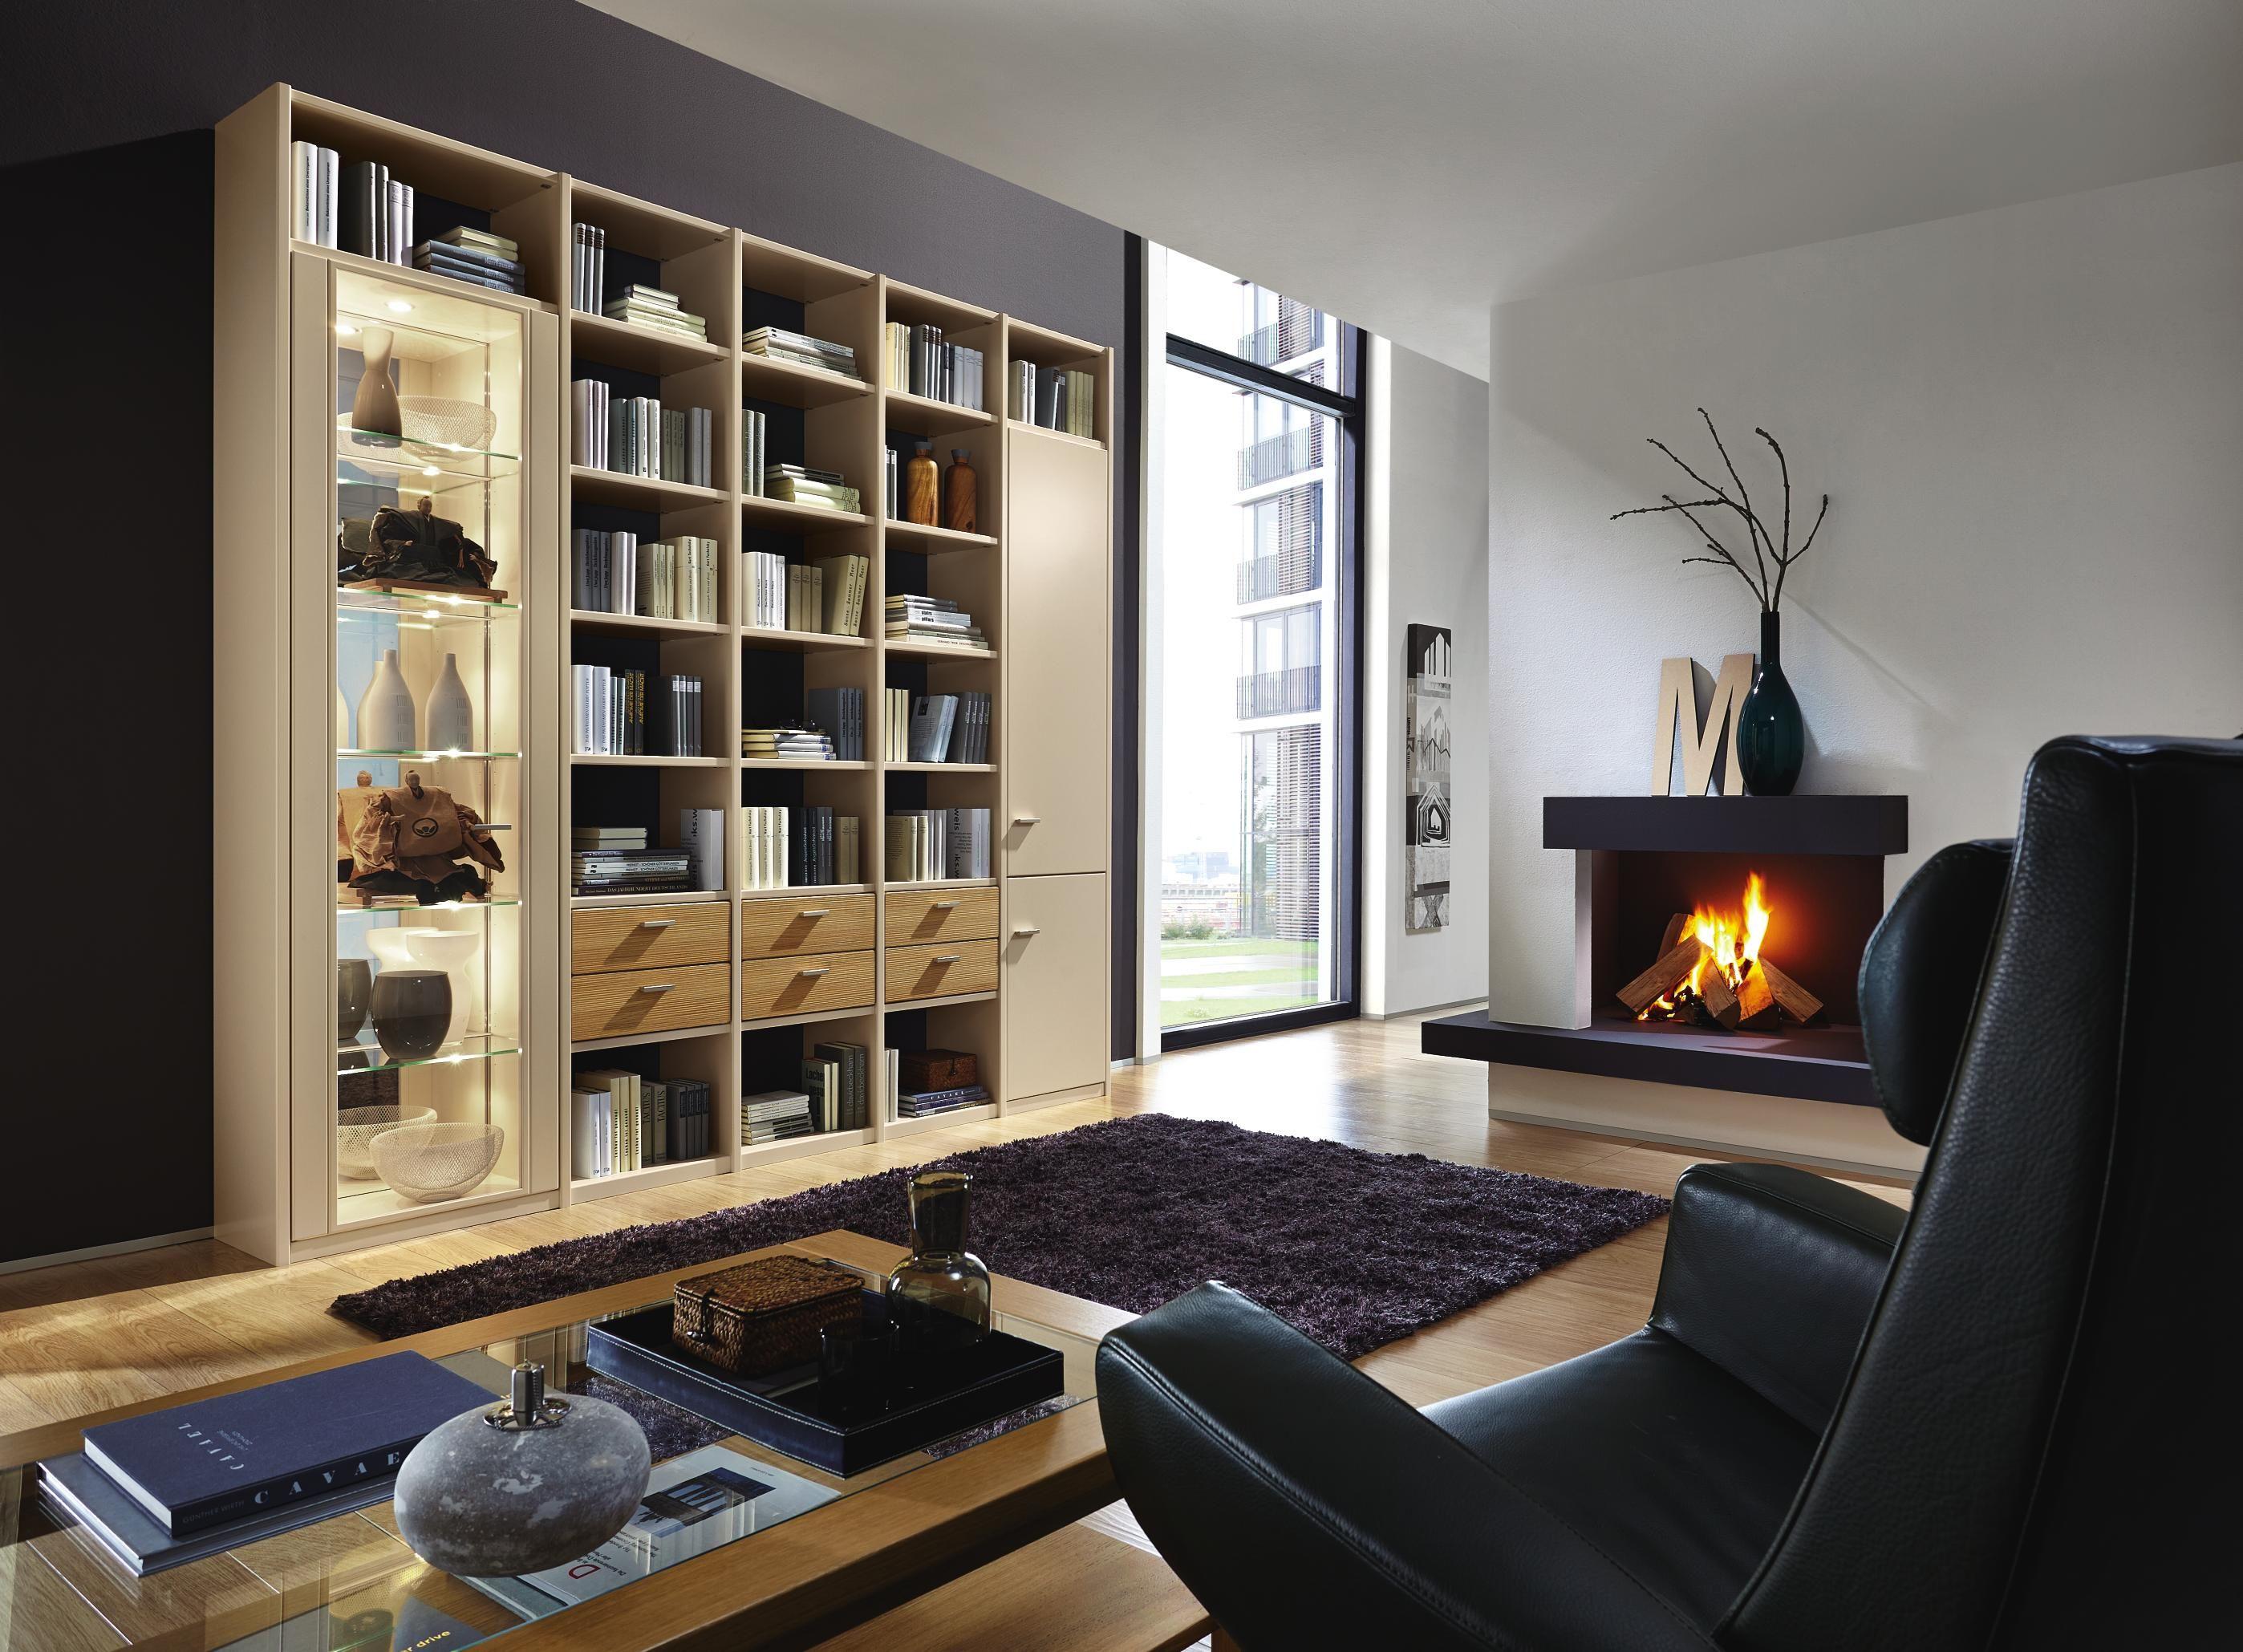 Moderner Raumteiler Von INVIVUS: Die Elegante Lösung Für Ihr Zuhause!